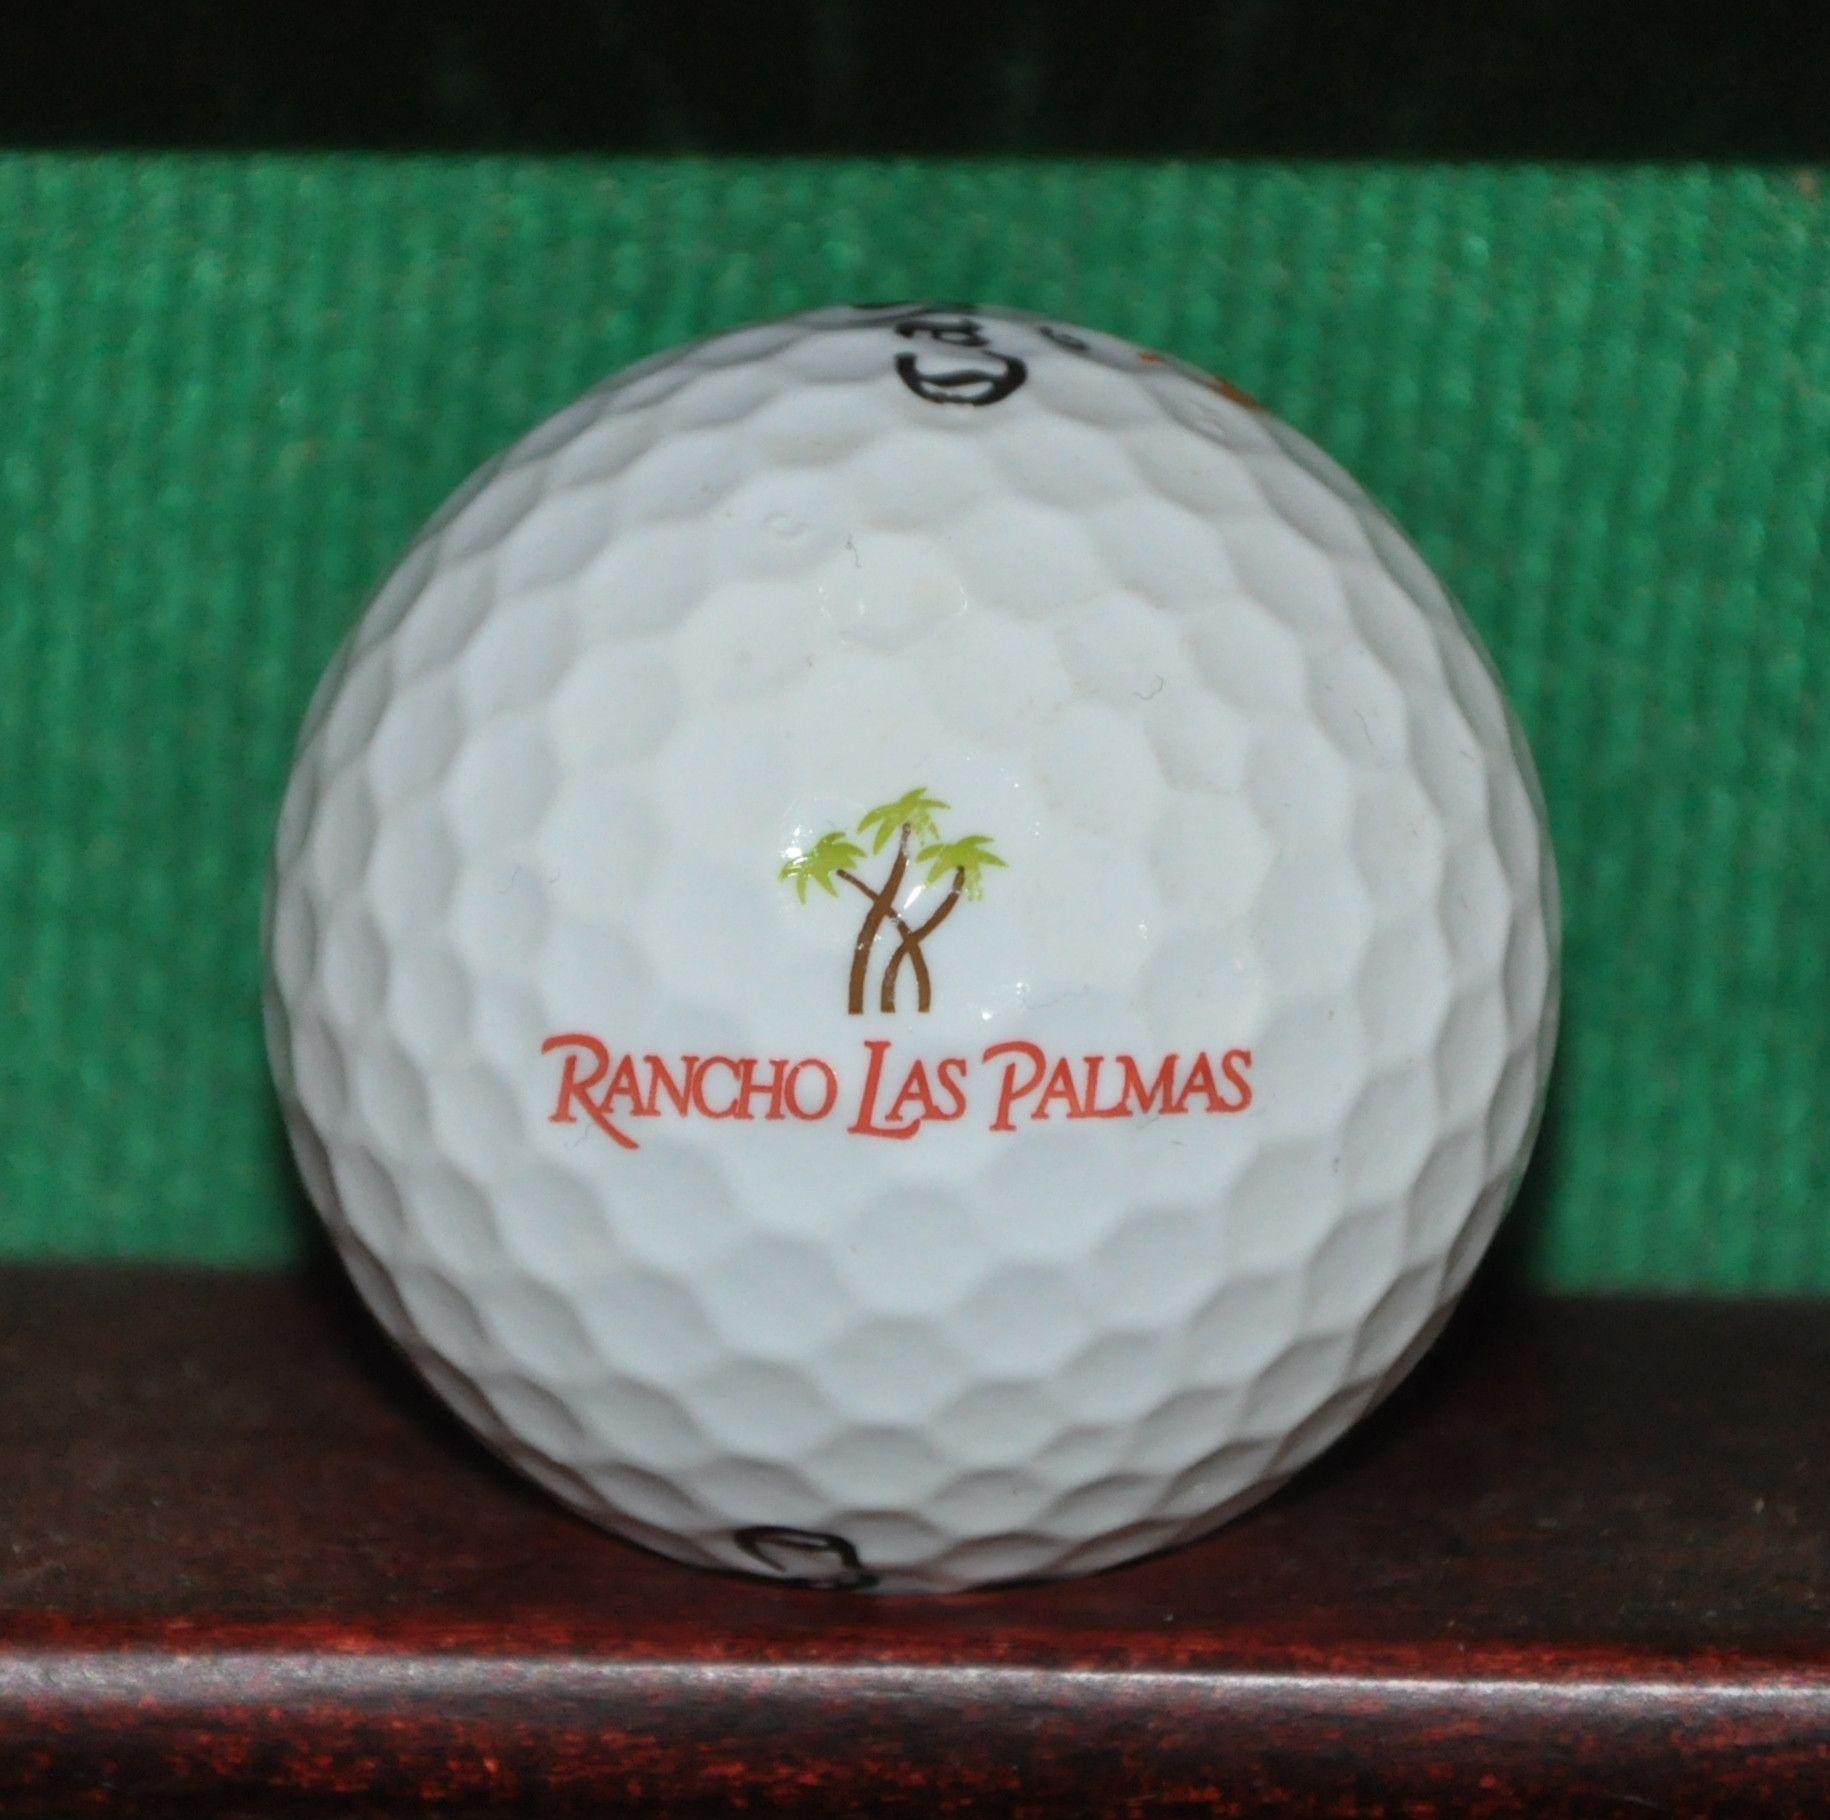 The Omni Rancho Las Palmas Golf Resort Palm Springs Rancho